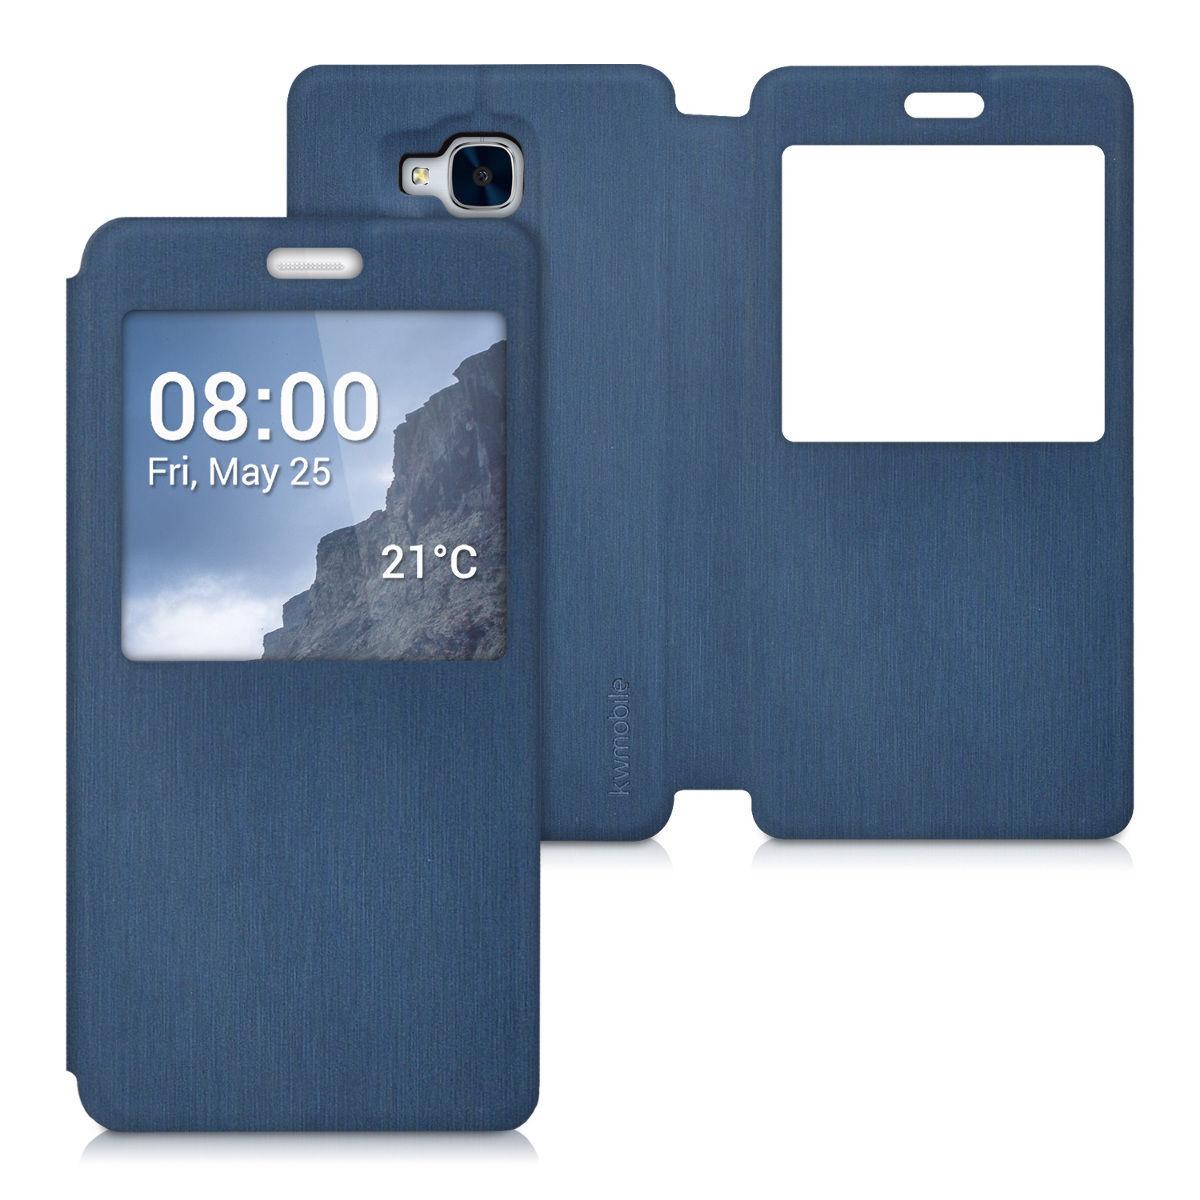 Pouzdro WIN pro Huawei Honor 7 Lite modré